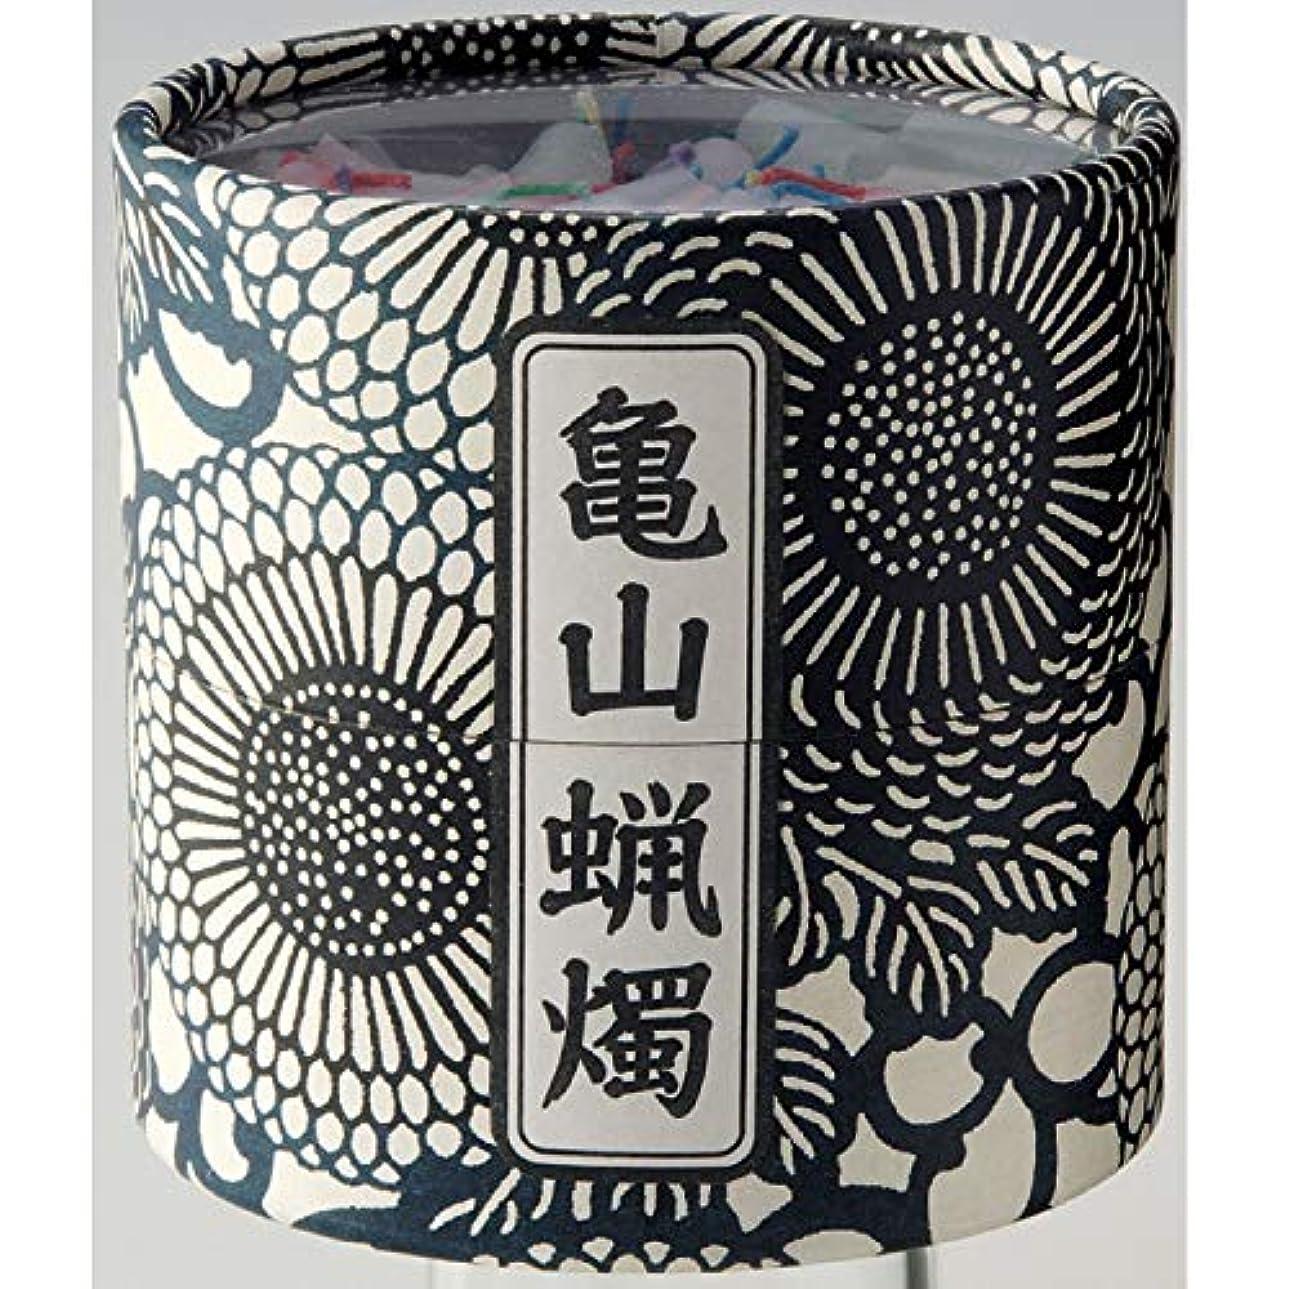 スキャンダル凍結世界的に亀山五色蝋燭(ローソク)約300本入り